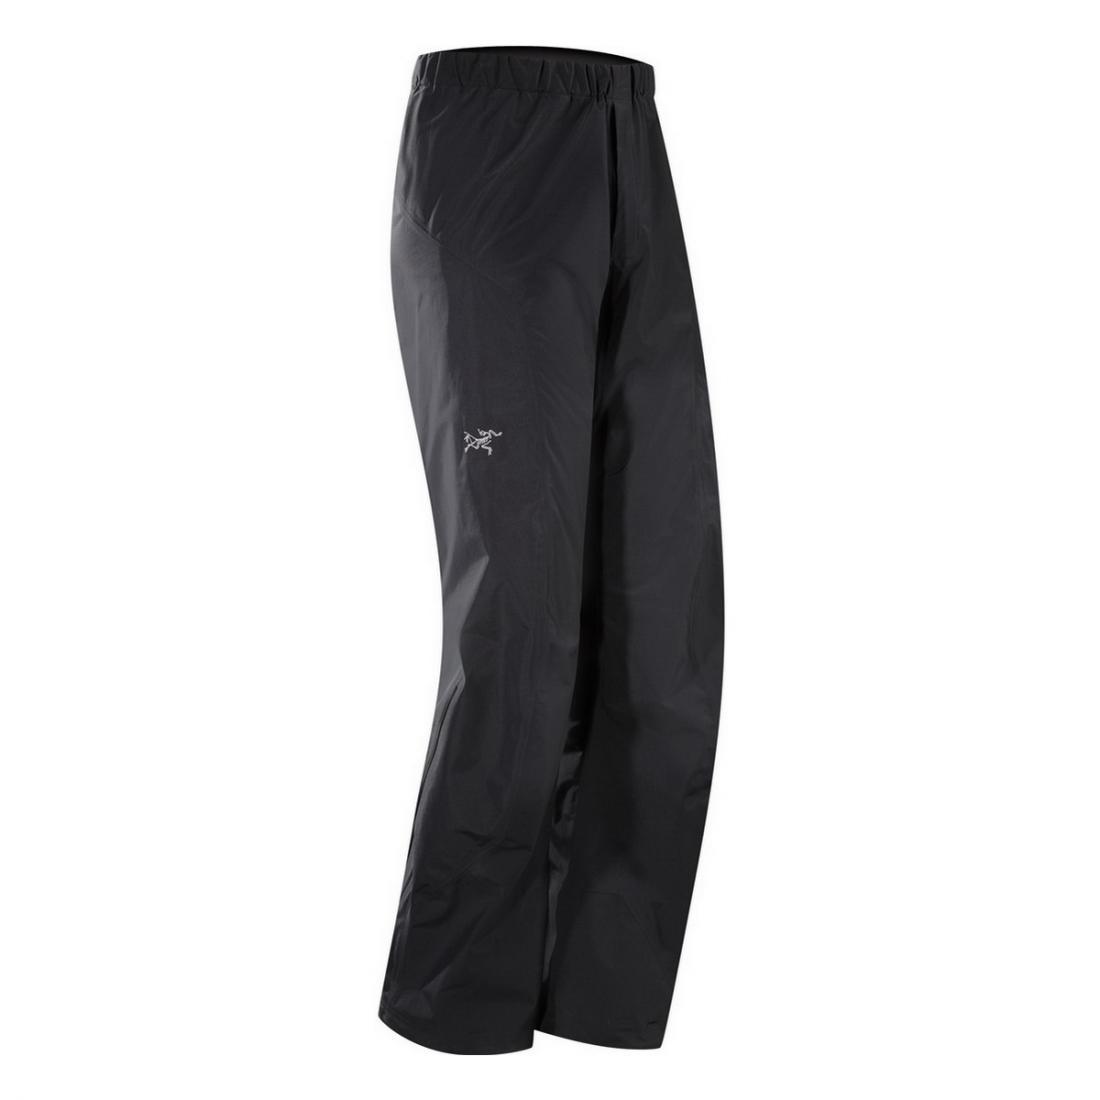 Брюки Beta SL муж.Брюки, штаны<br><br> Arcteryx Beta SL – мужские легкие брюки, которые надежно защищают от непогоды. Они предназначены для тех, кто предпочитает активный отдых на в...<br><br>Цвет: Черный<br>Размер: L